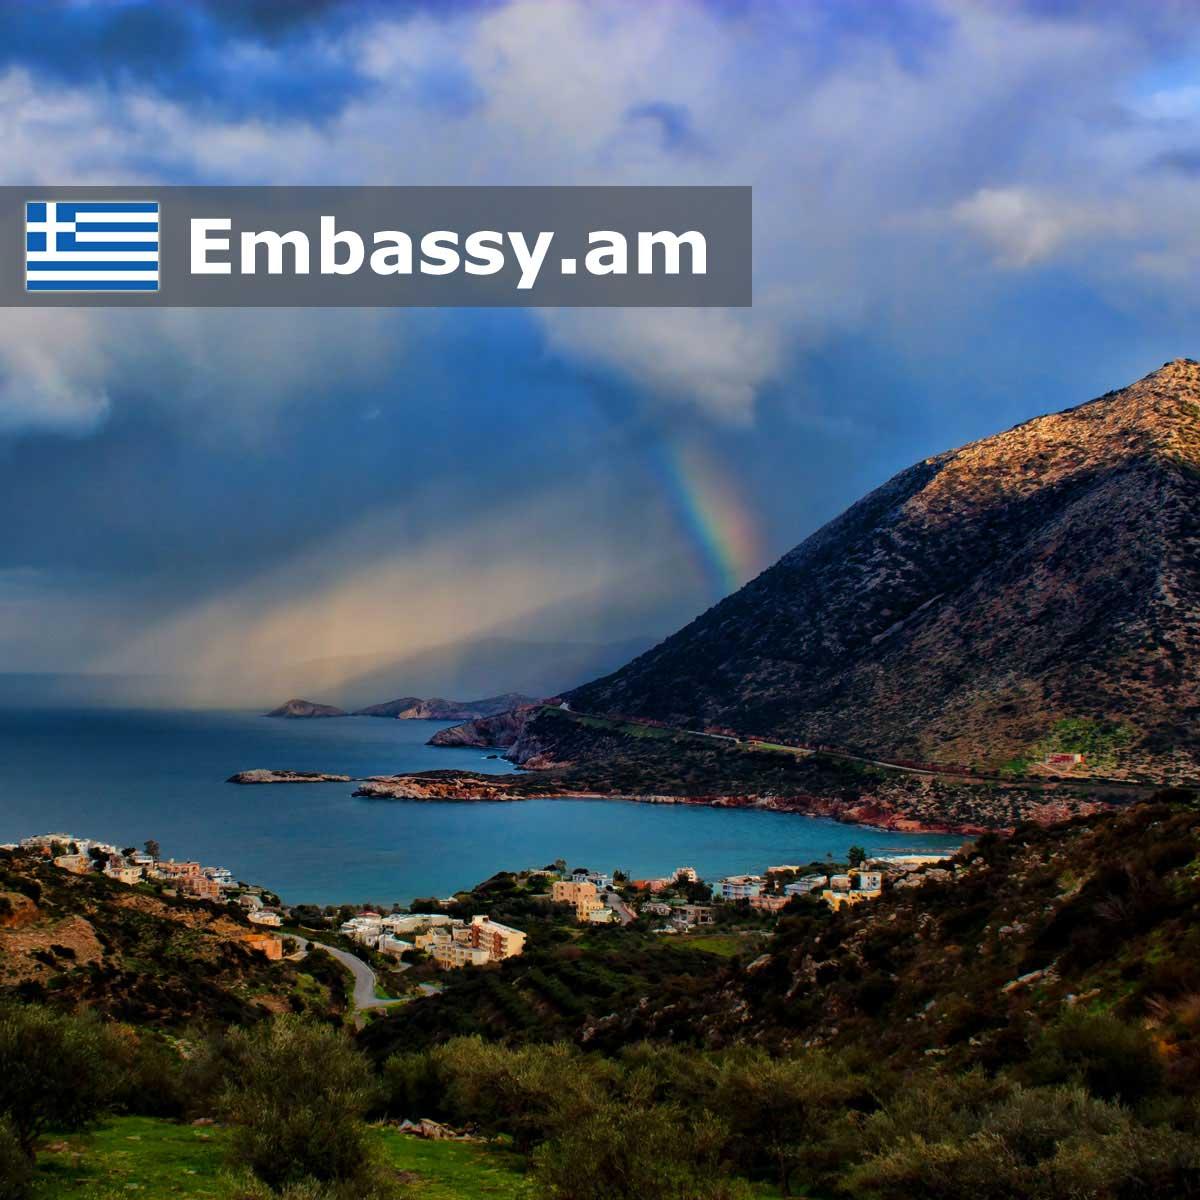 Կրետե - Հյուրանոցներ Հունաստանում - Embassy.am